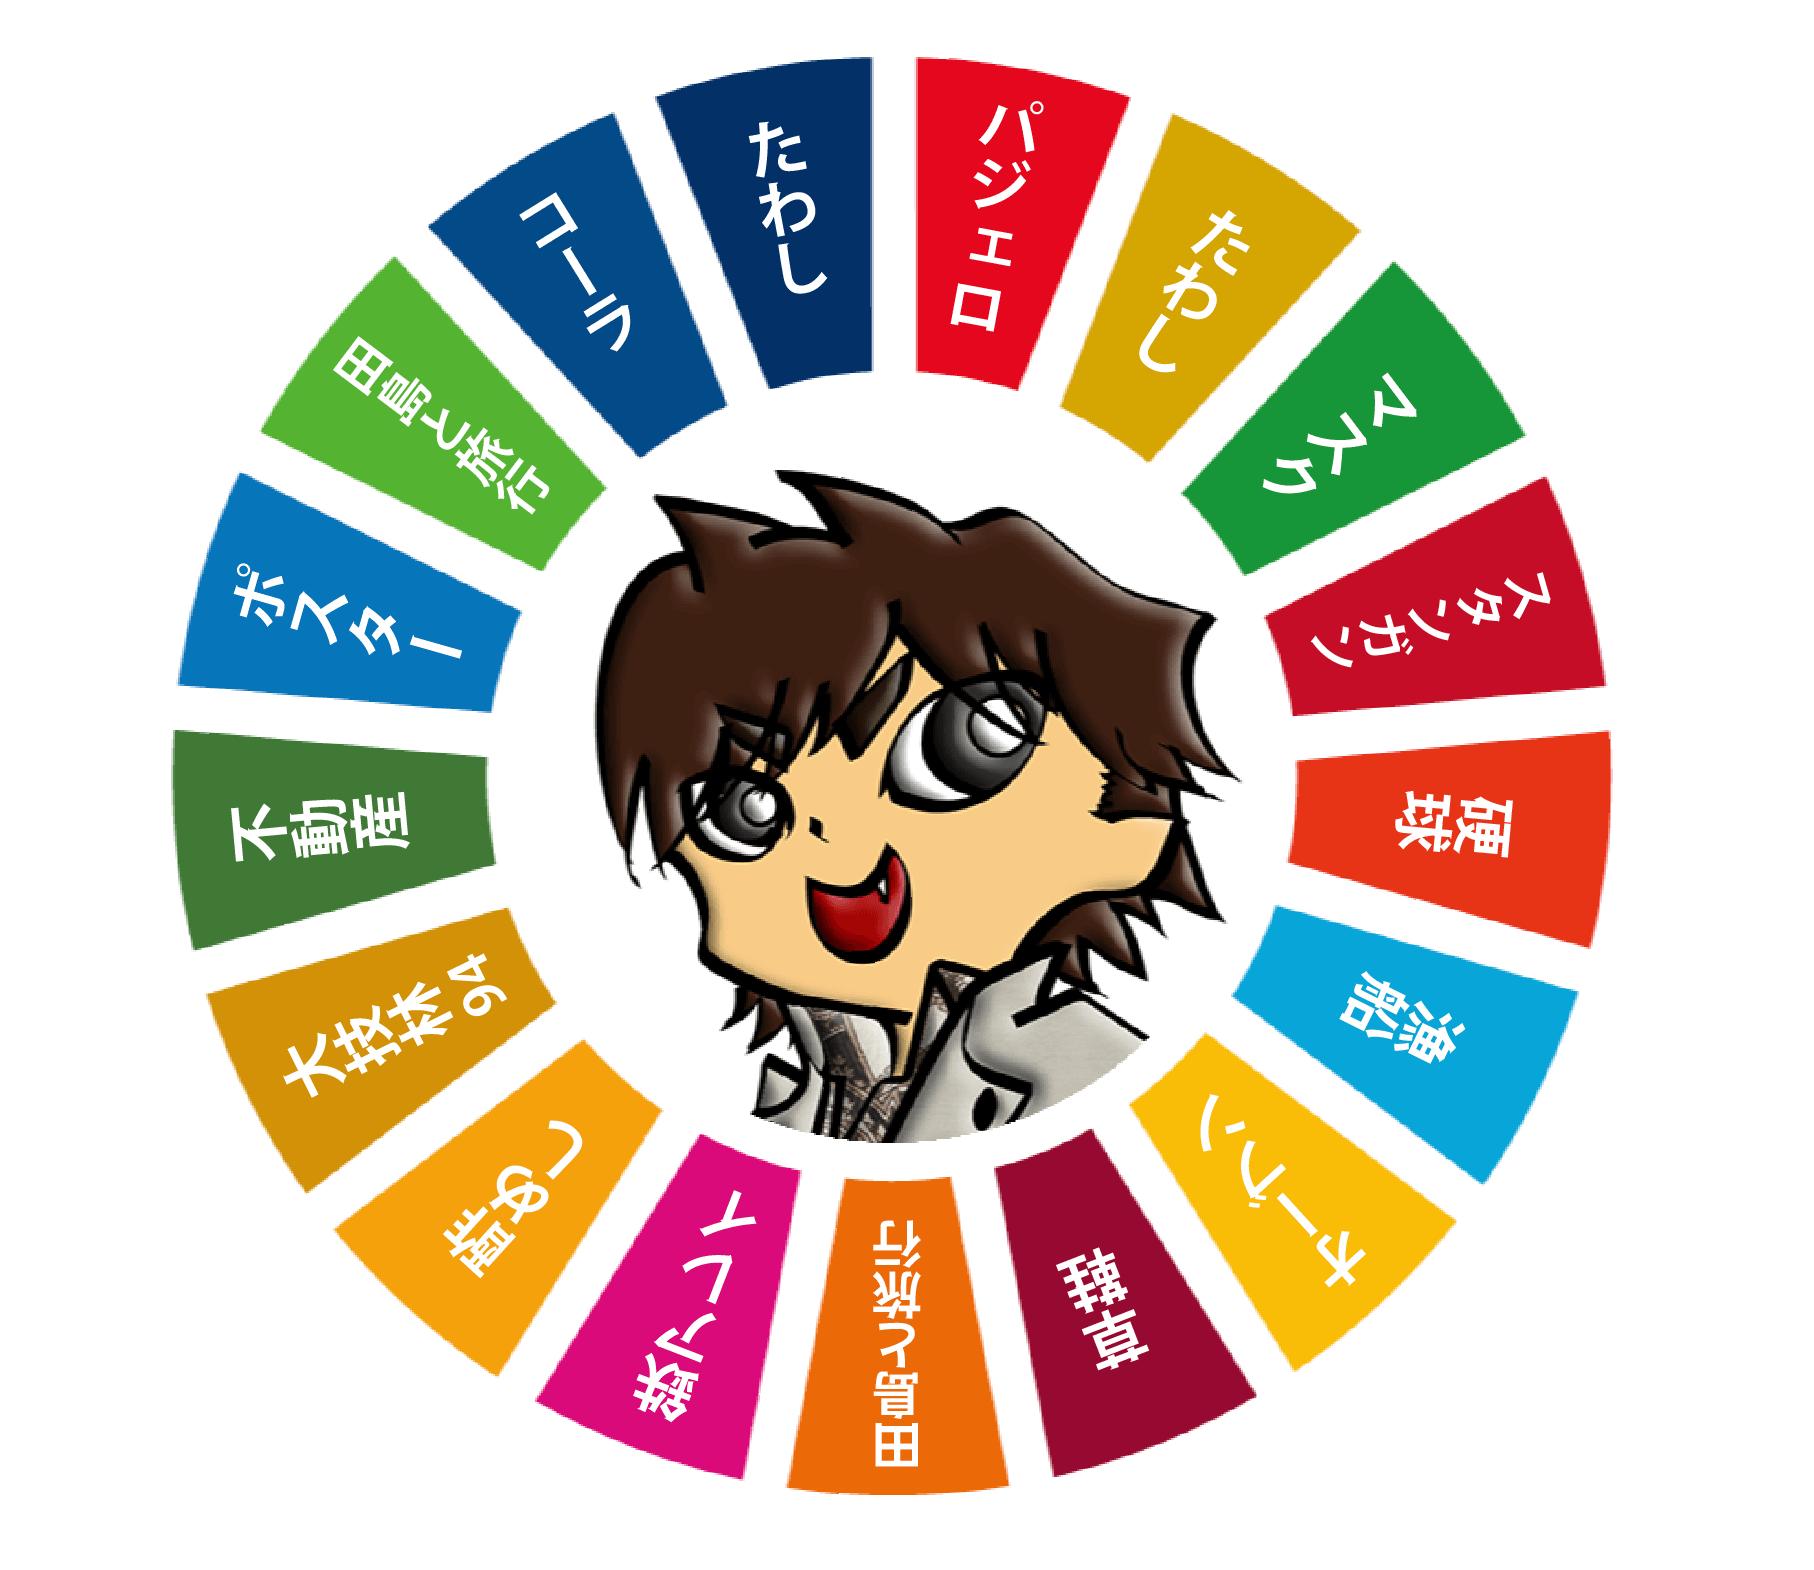 多田卓也(TURBO)作SDGs-TarCoon